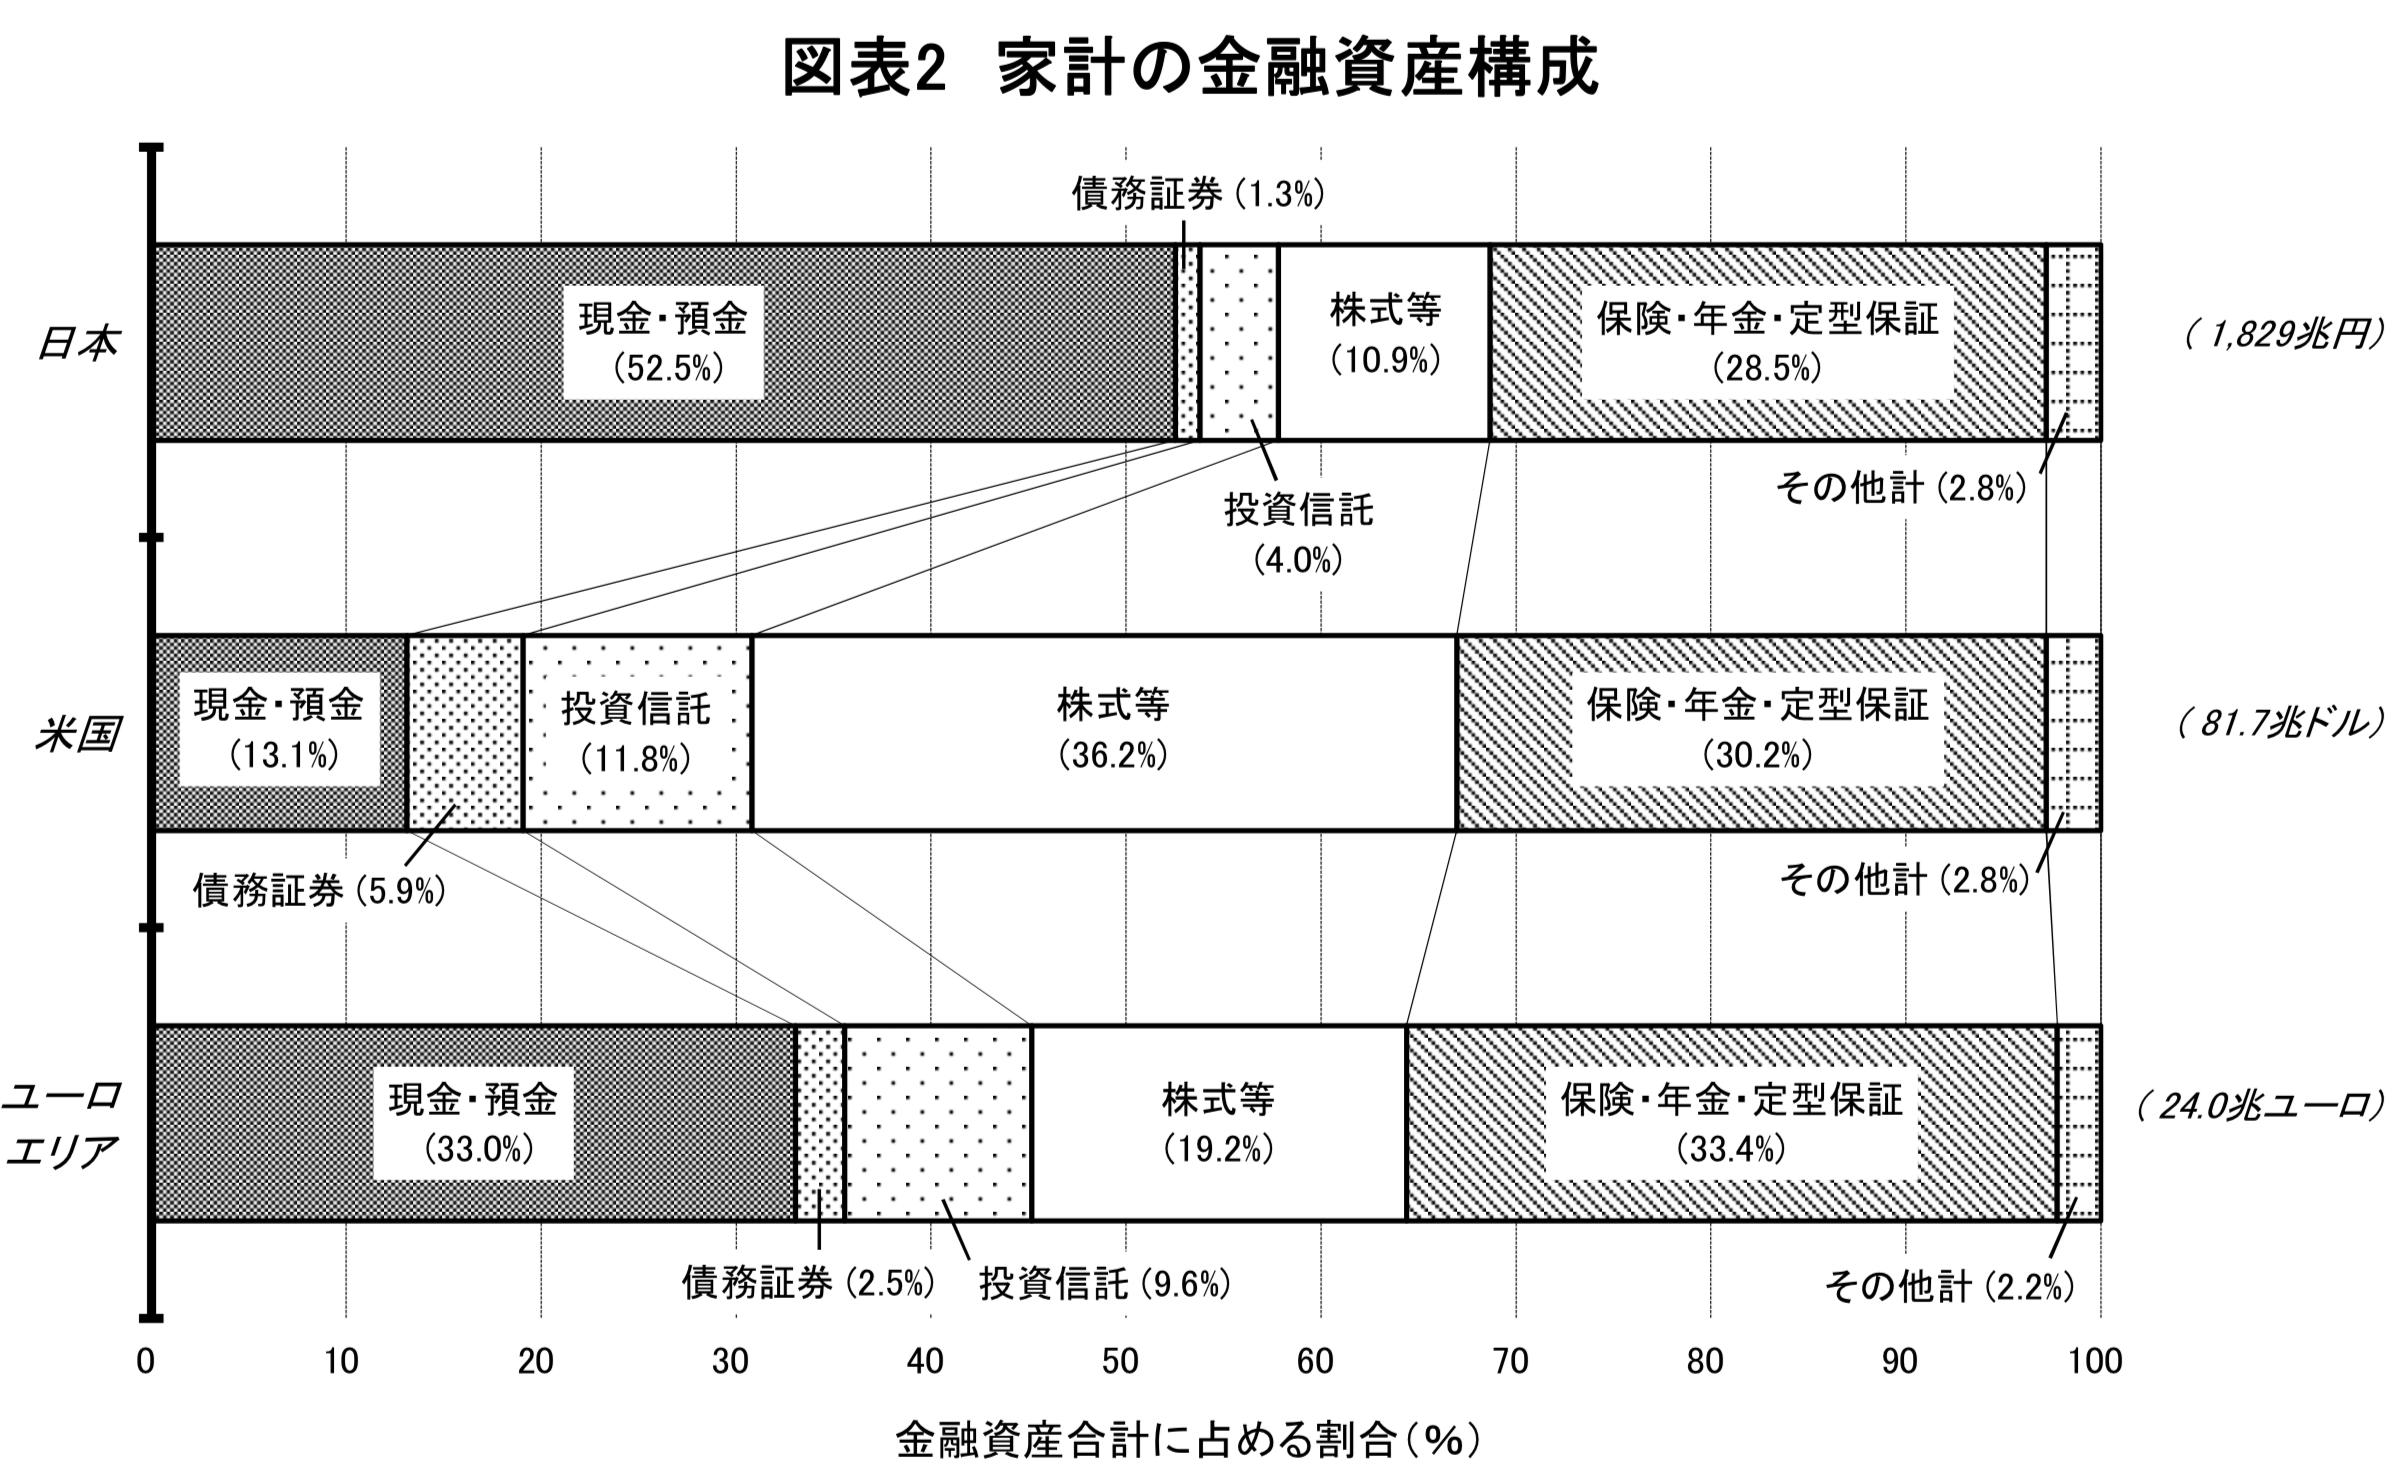 日米欧の家計資産の構成比率